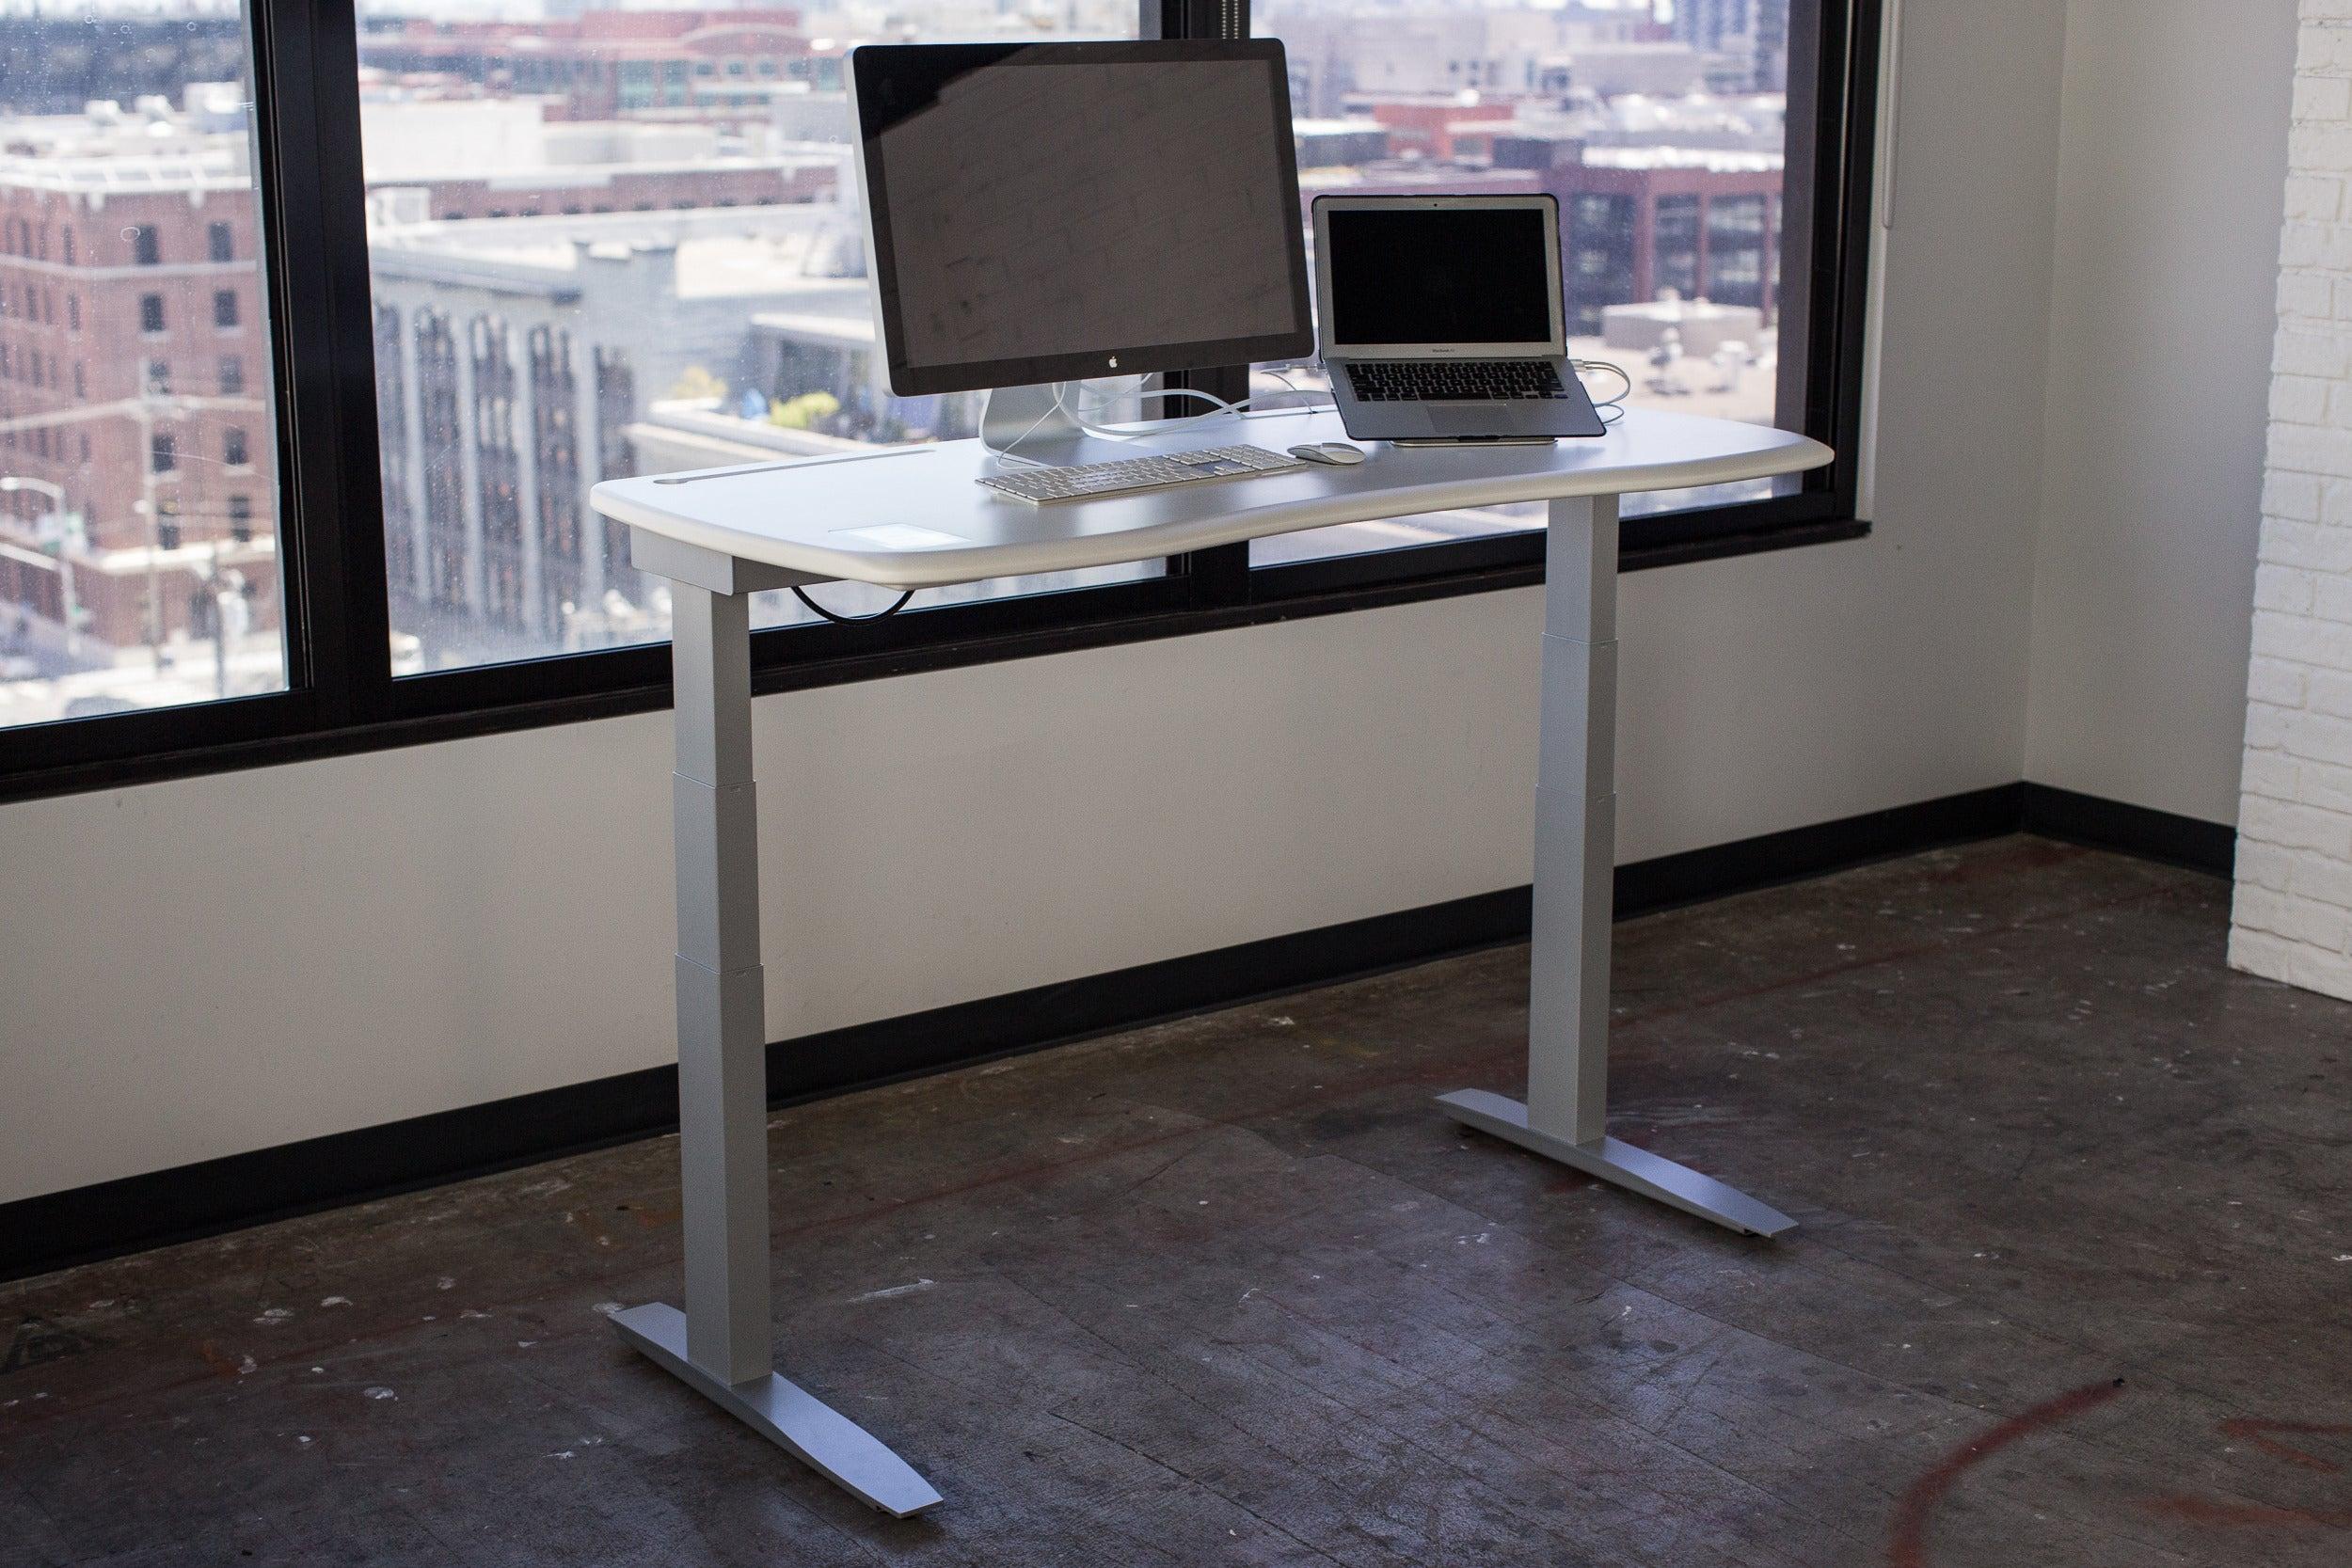 Stir Kinetic Desk M1 Beauty